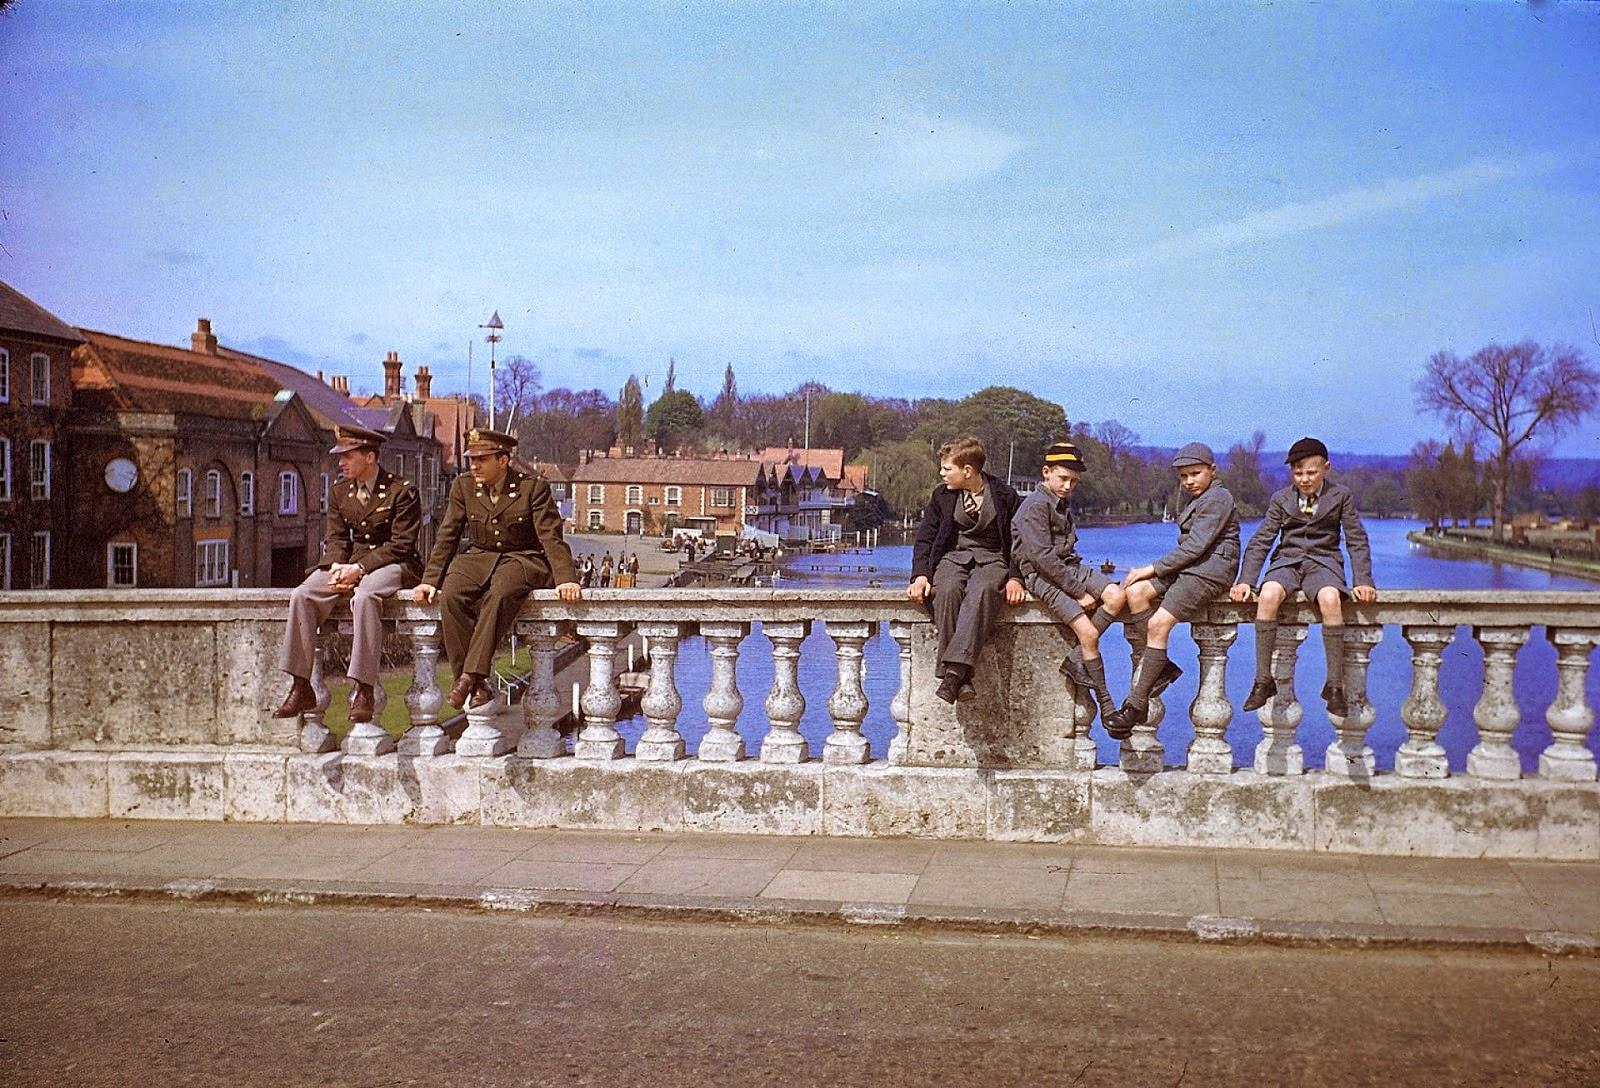 http://3.bp.blogspot.com/-Z5IwHErbpp8/VLacKc0NsKI/AAAAAAABOMI/A9_1Cznm0Ls/s1600/Rare+Color+Photographs+from+World+War+II+(4).jpg